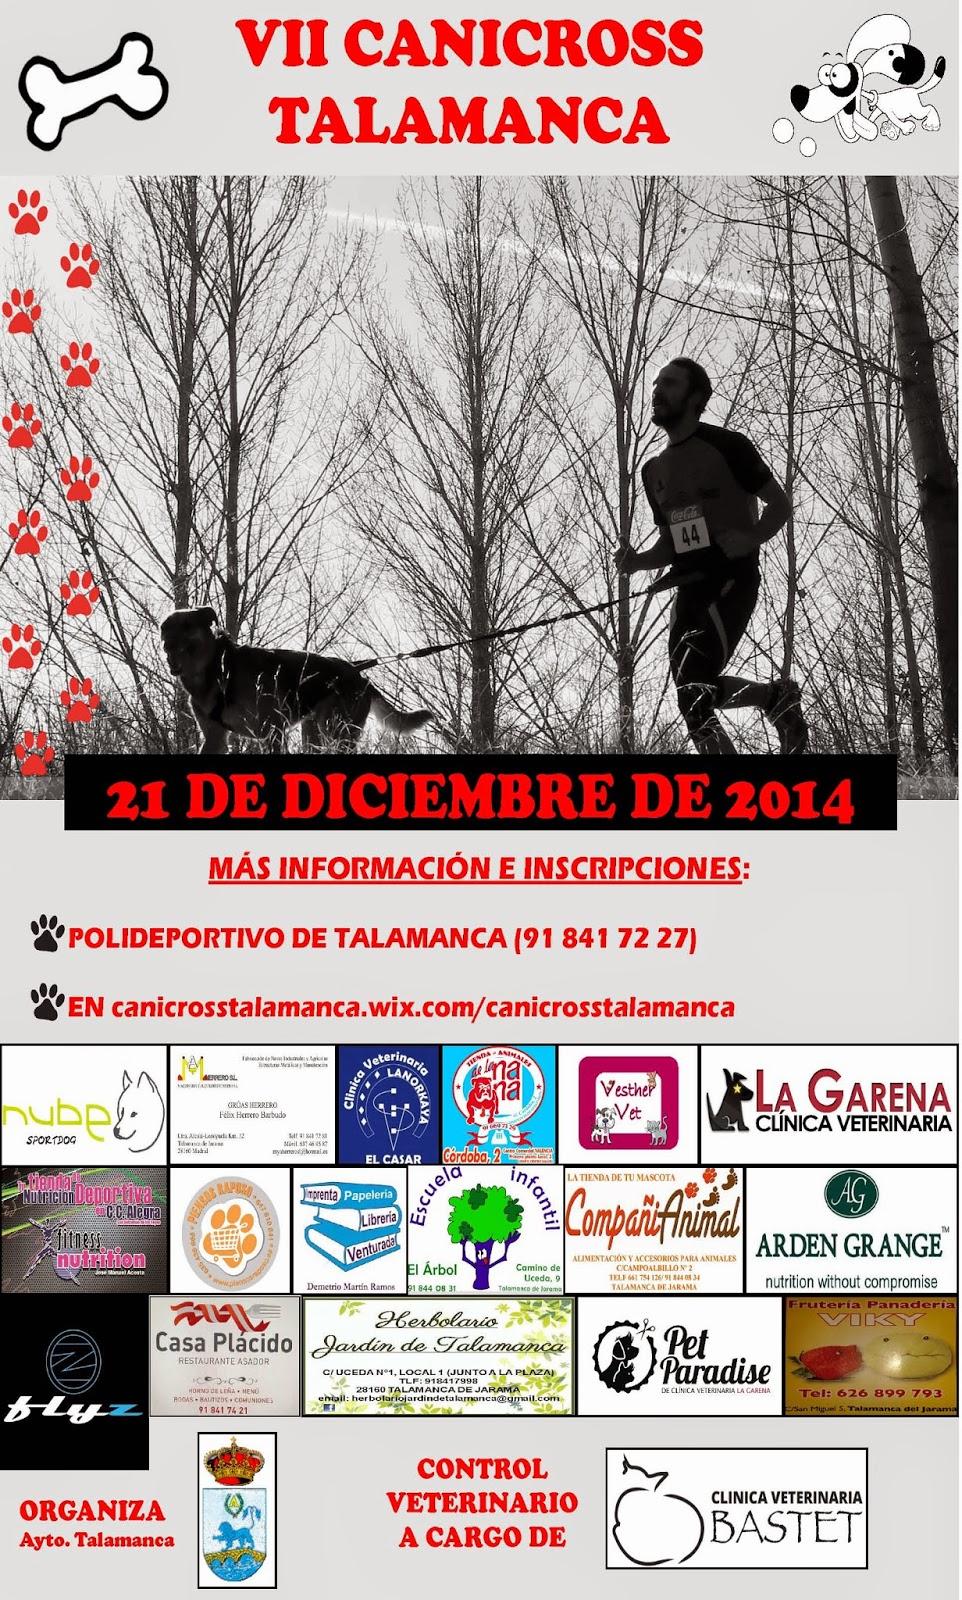 Canicross Talamanca 21-12-2014 CARTEL%2Bcanicross%2BTalamanca%2B2014